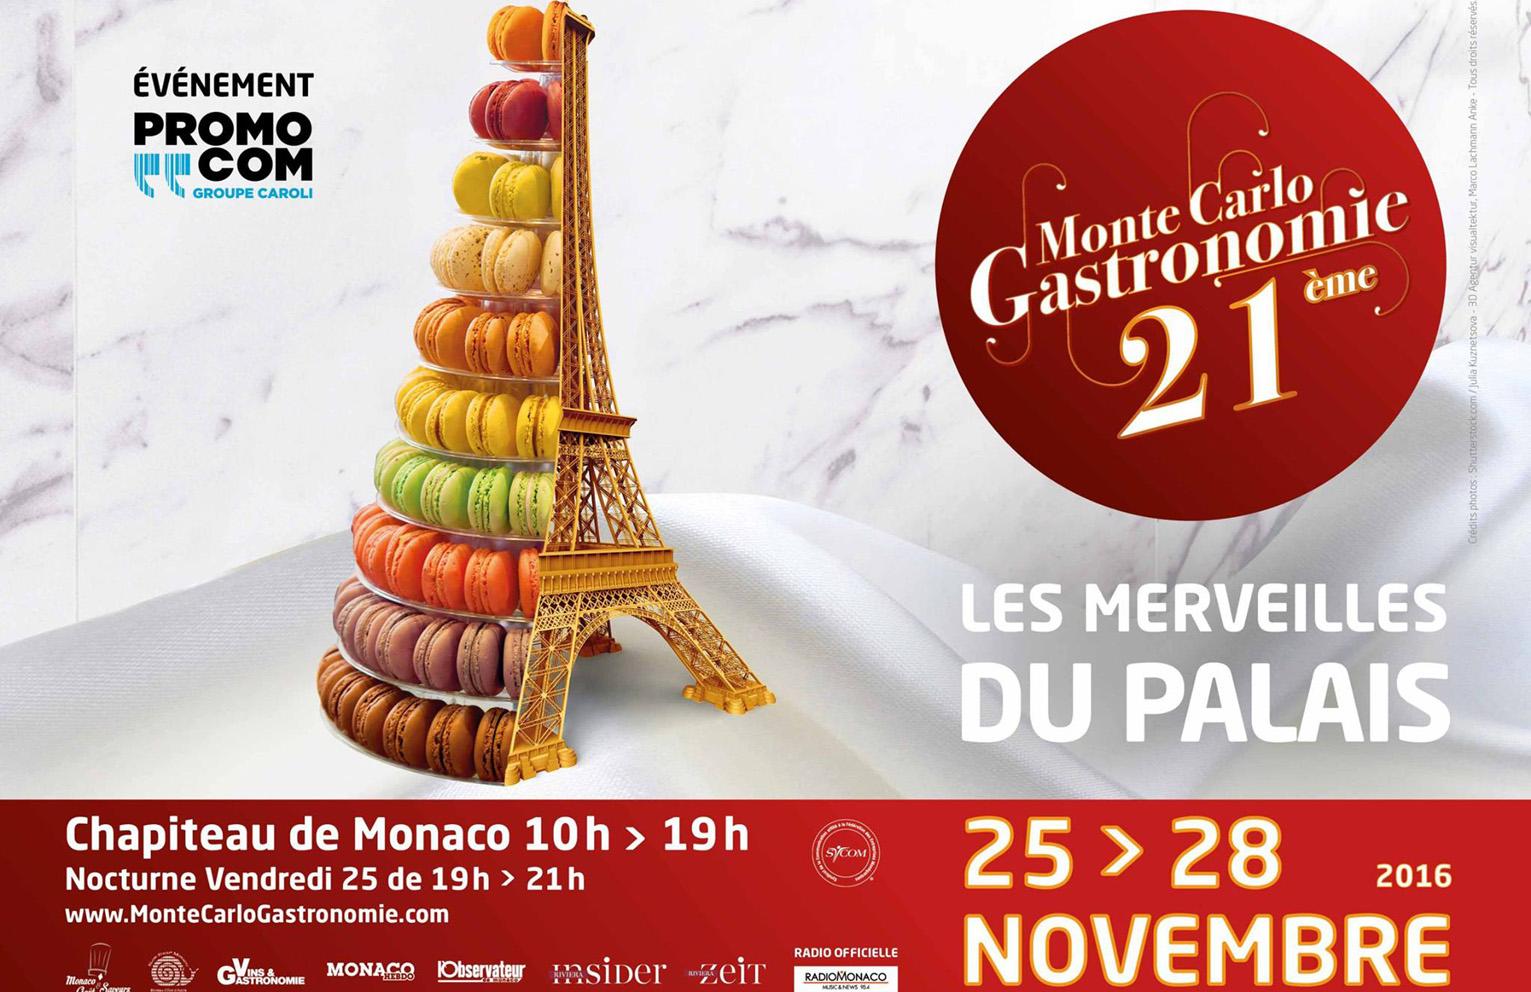 Jeu Concours Gagnez vos invitations au Salon MonteCarlo Gastronomie  Monaco